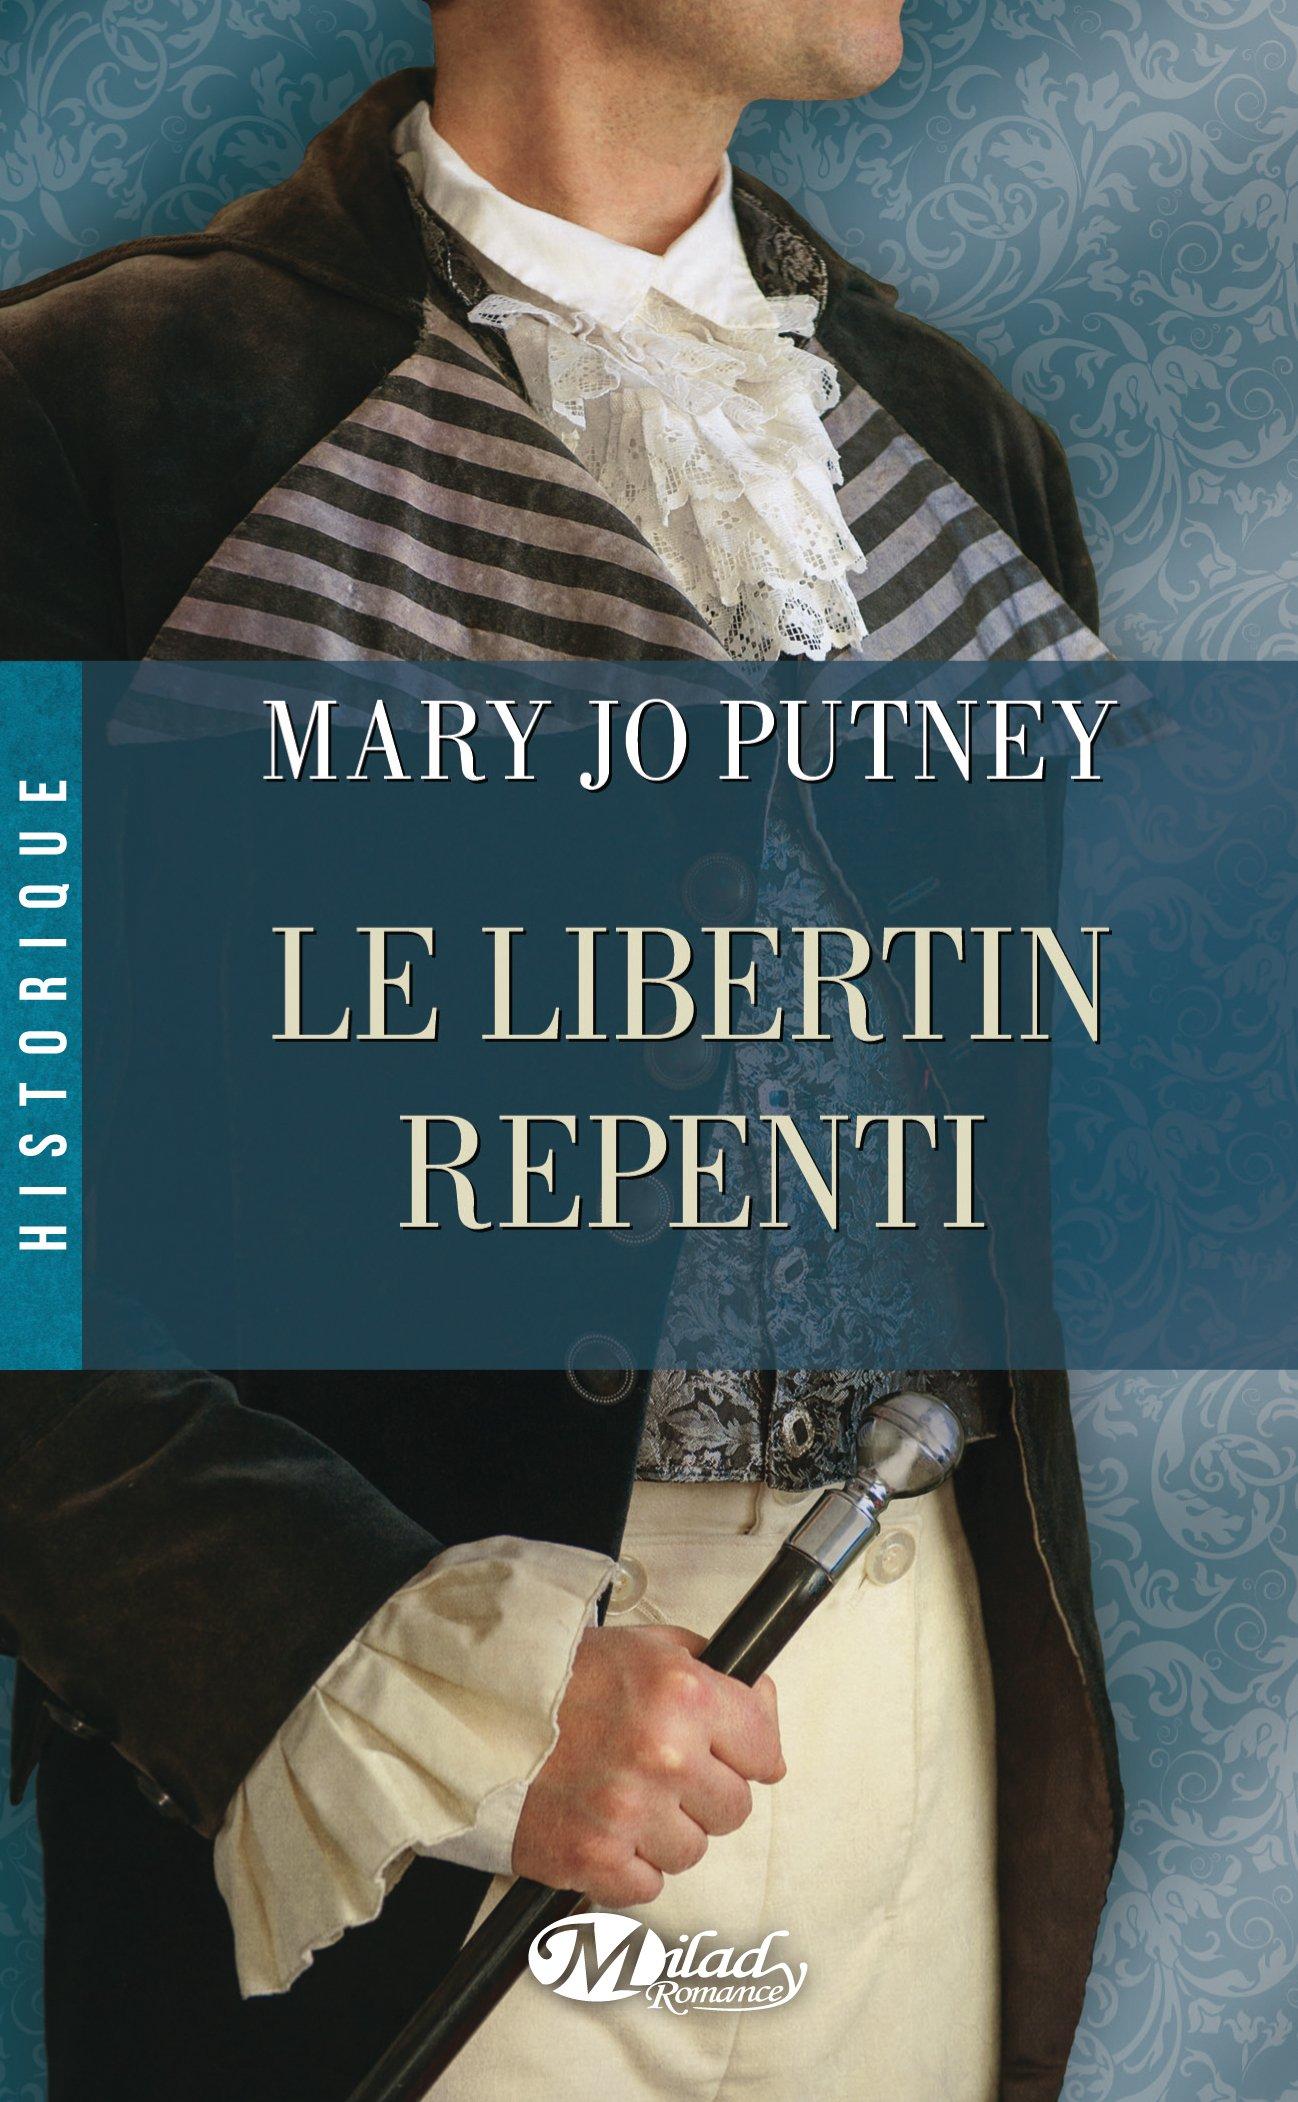 Le libertin repenti de Mary Jo Puntey - Le libertin repenti de Mary Jo Putney 81ybYTP0v-L